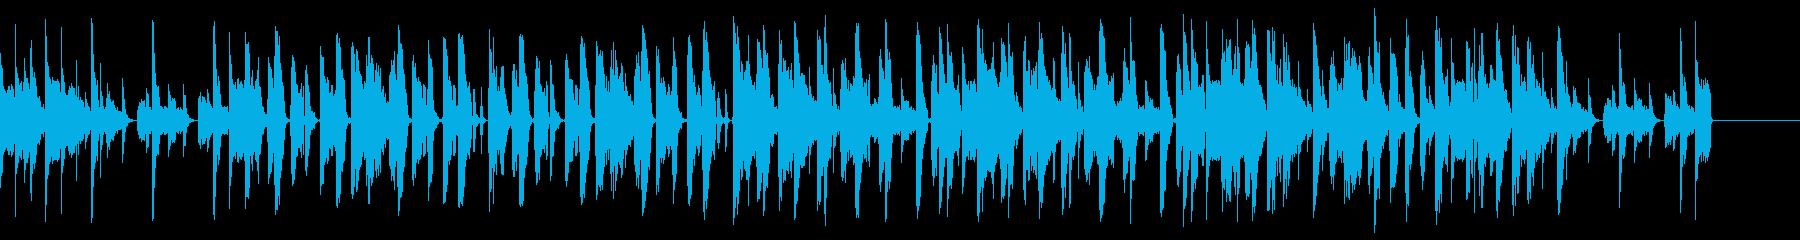 DJ エレクトロ ベース ジングルの再生済みの波形